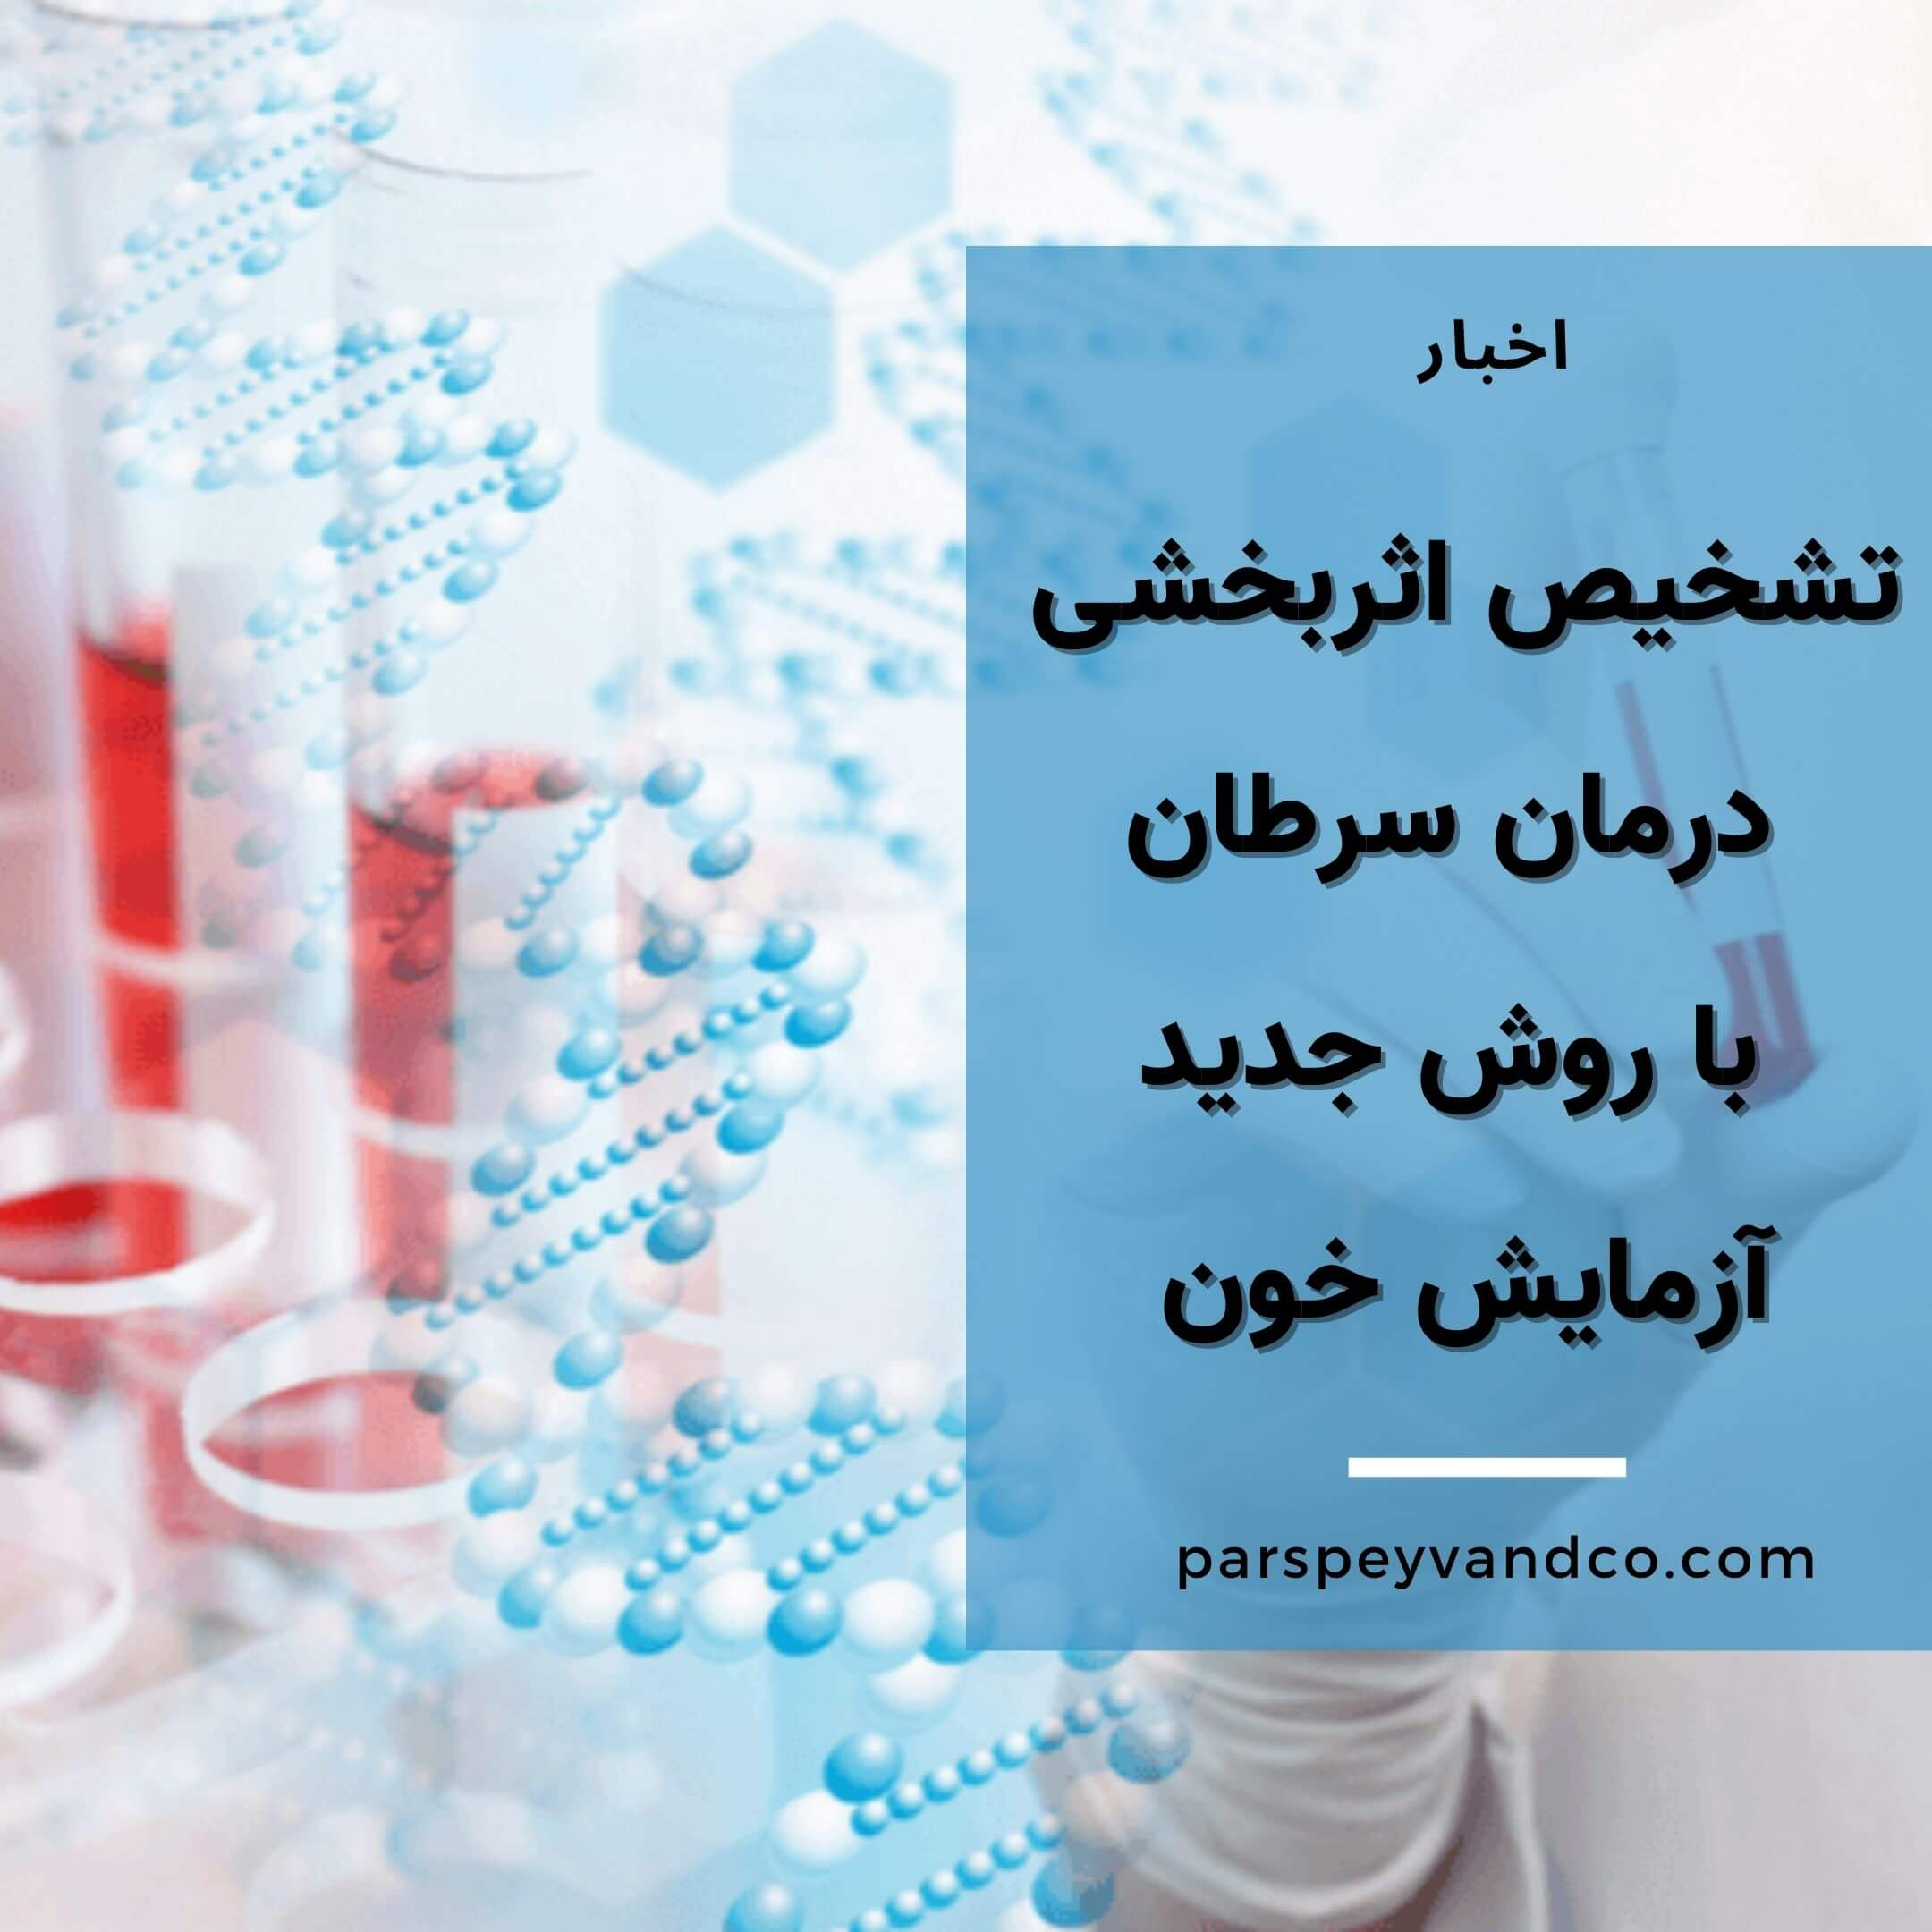 روش جدید تشخیص درمان مناسب سرطان